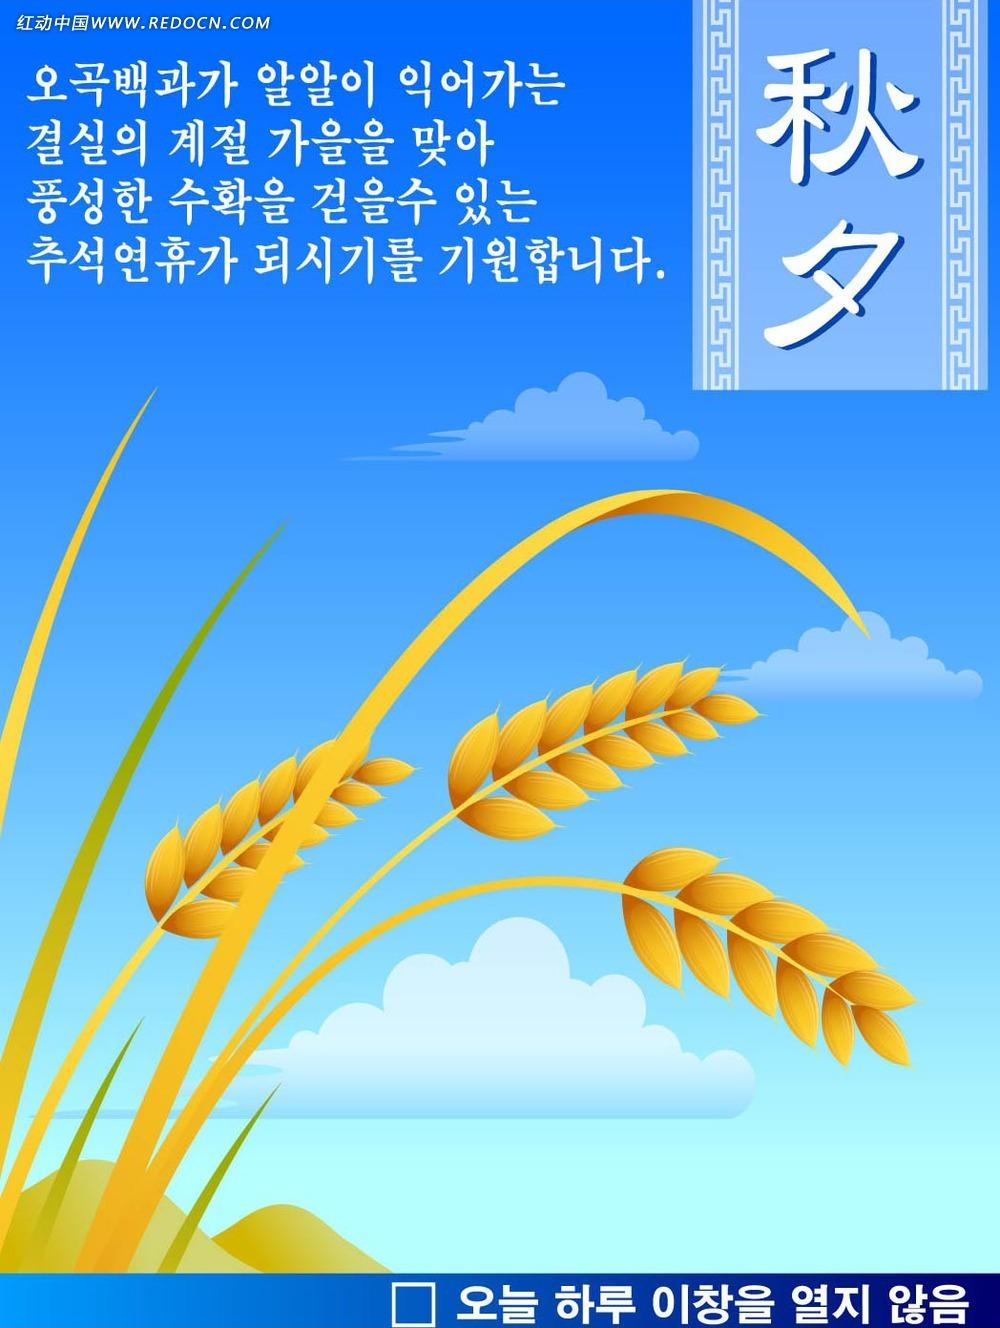 海报中秋节房屋设计素材矢量图_中秋节南向坐农村北蓝色5层楼设计图图片